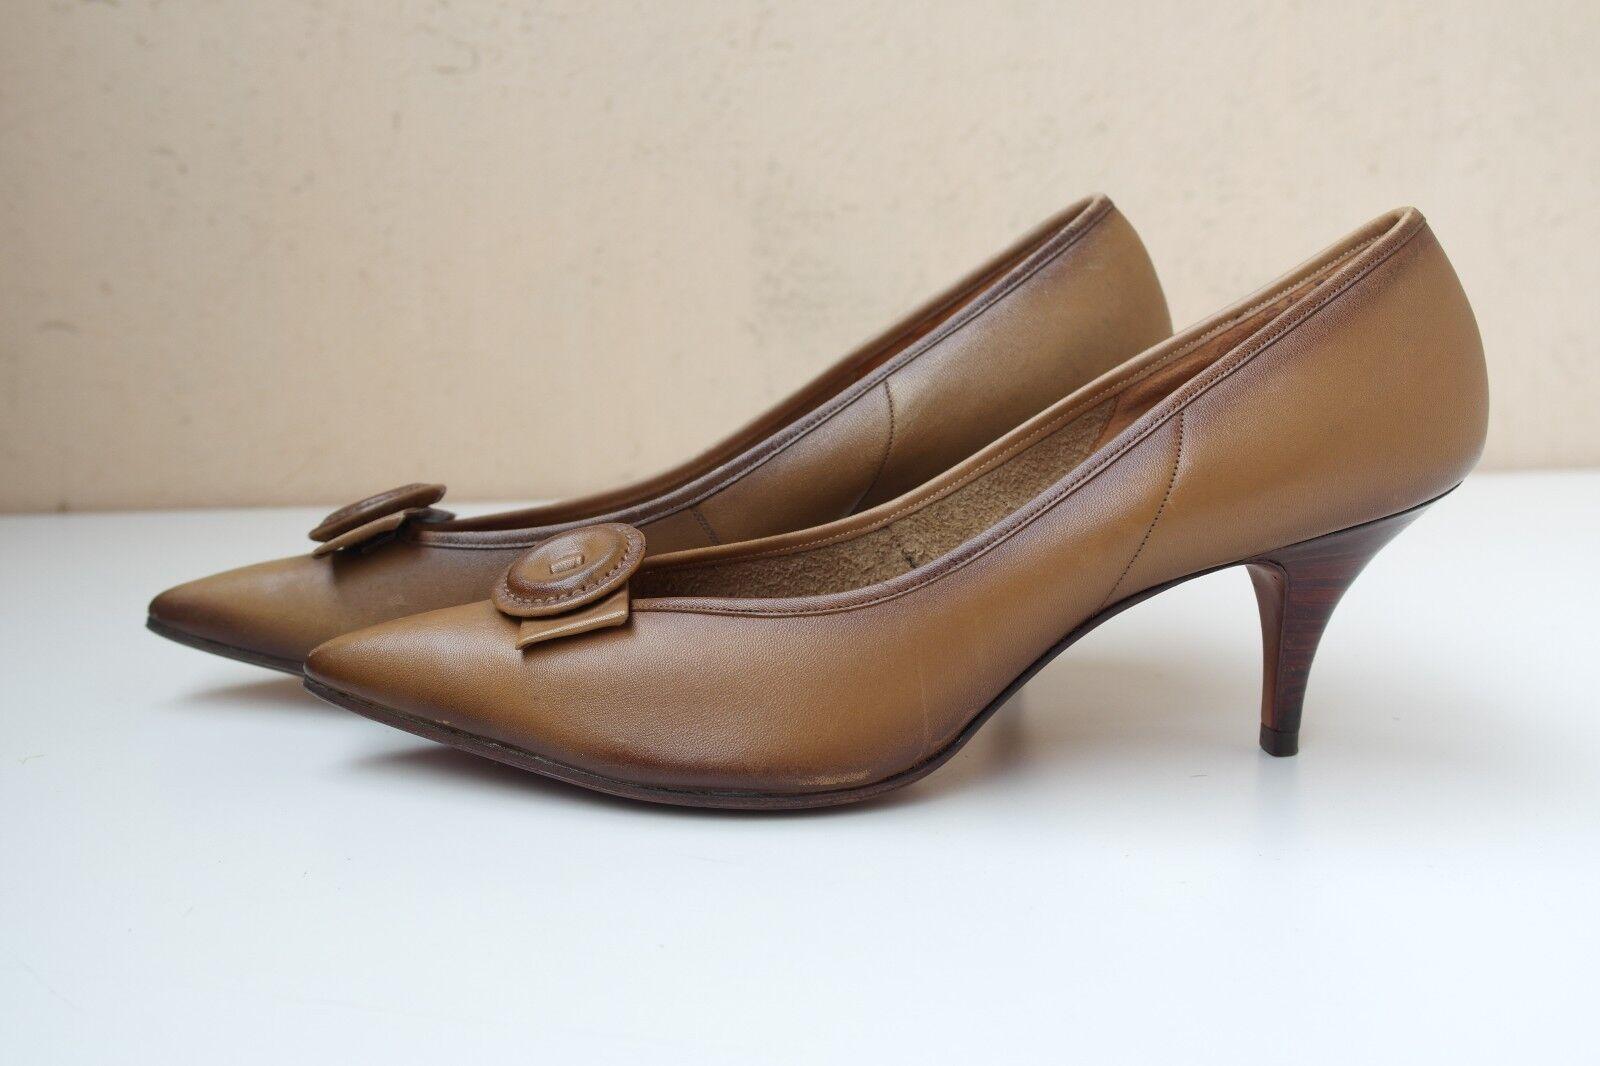 Venta de liquidación de temporada Rheinberger maestro zapatos puena señora pumps zapatos True vintage zapato bajo nos